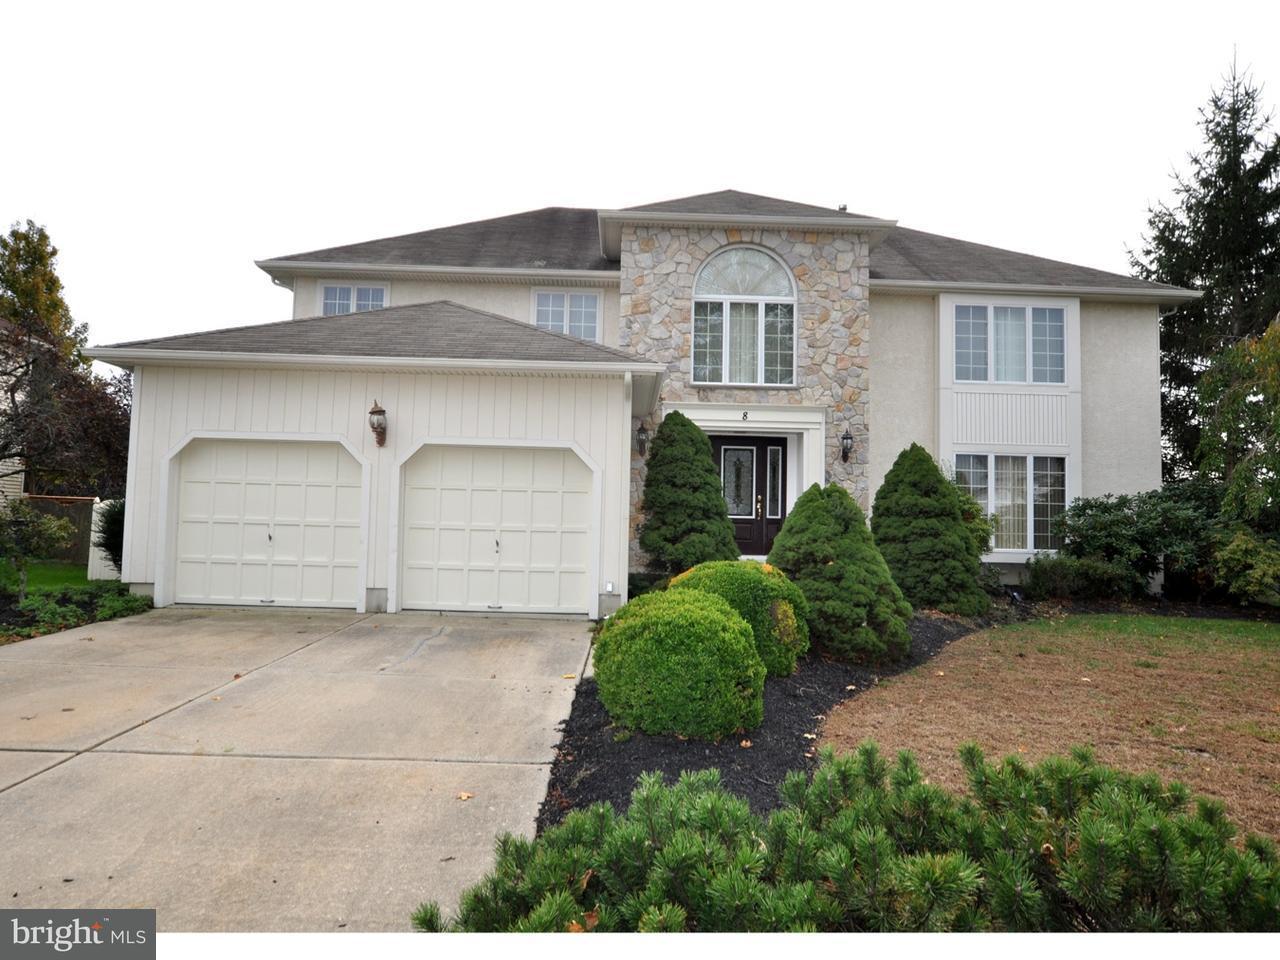 Maison unifamiliale pour l Vente à 8 PATRICK HENRY Drive Evesham, New Jersey 08053 États-Unis